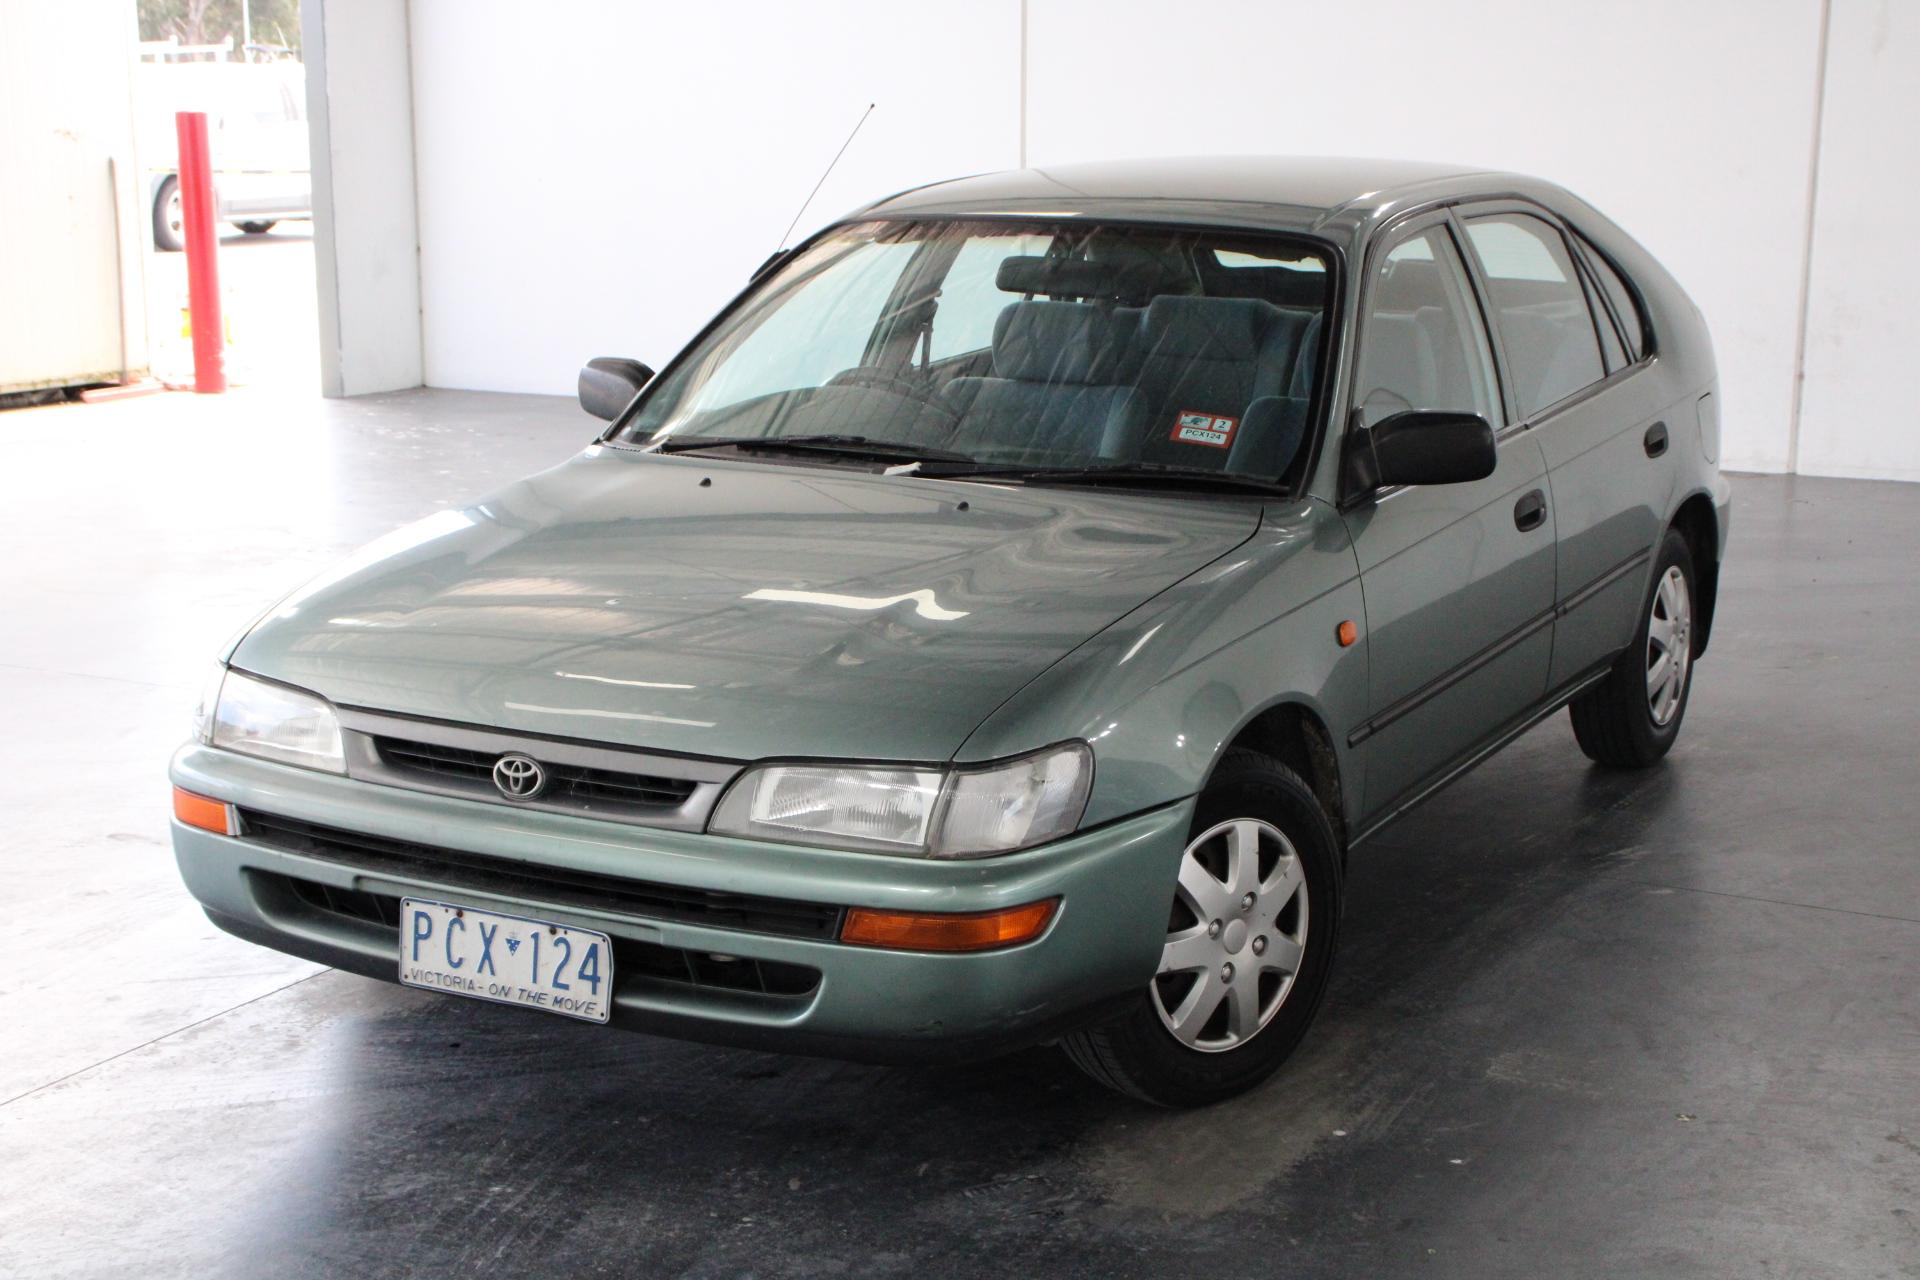 1998 Toyota Corolla CSI Seca AE101 Manual Hatchback